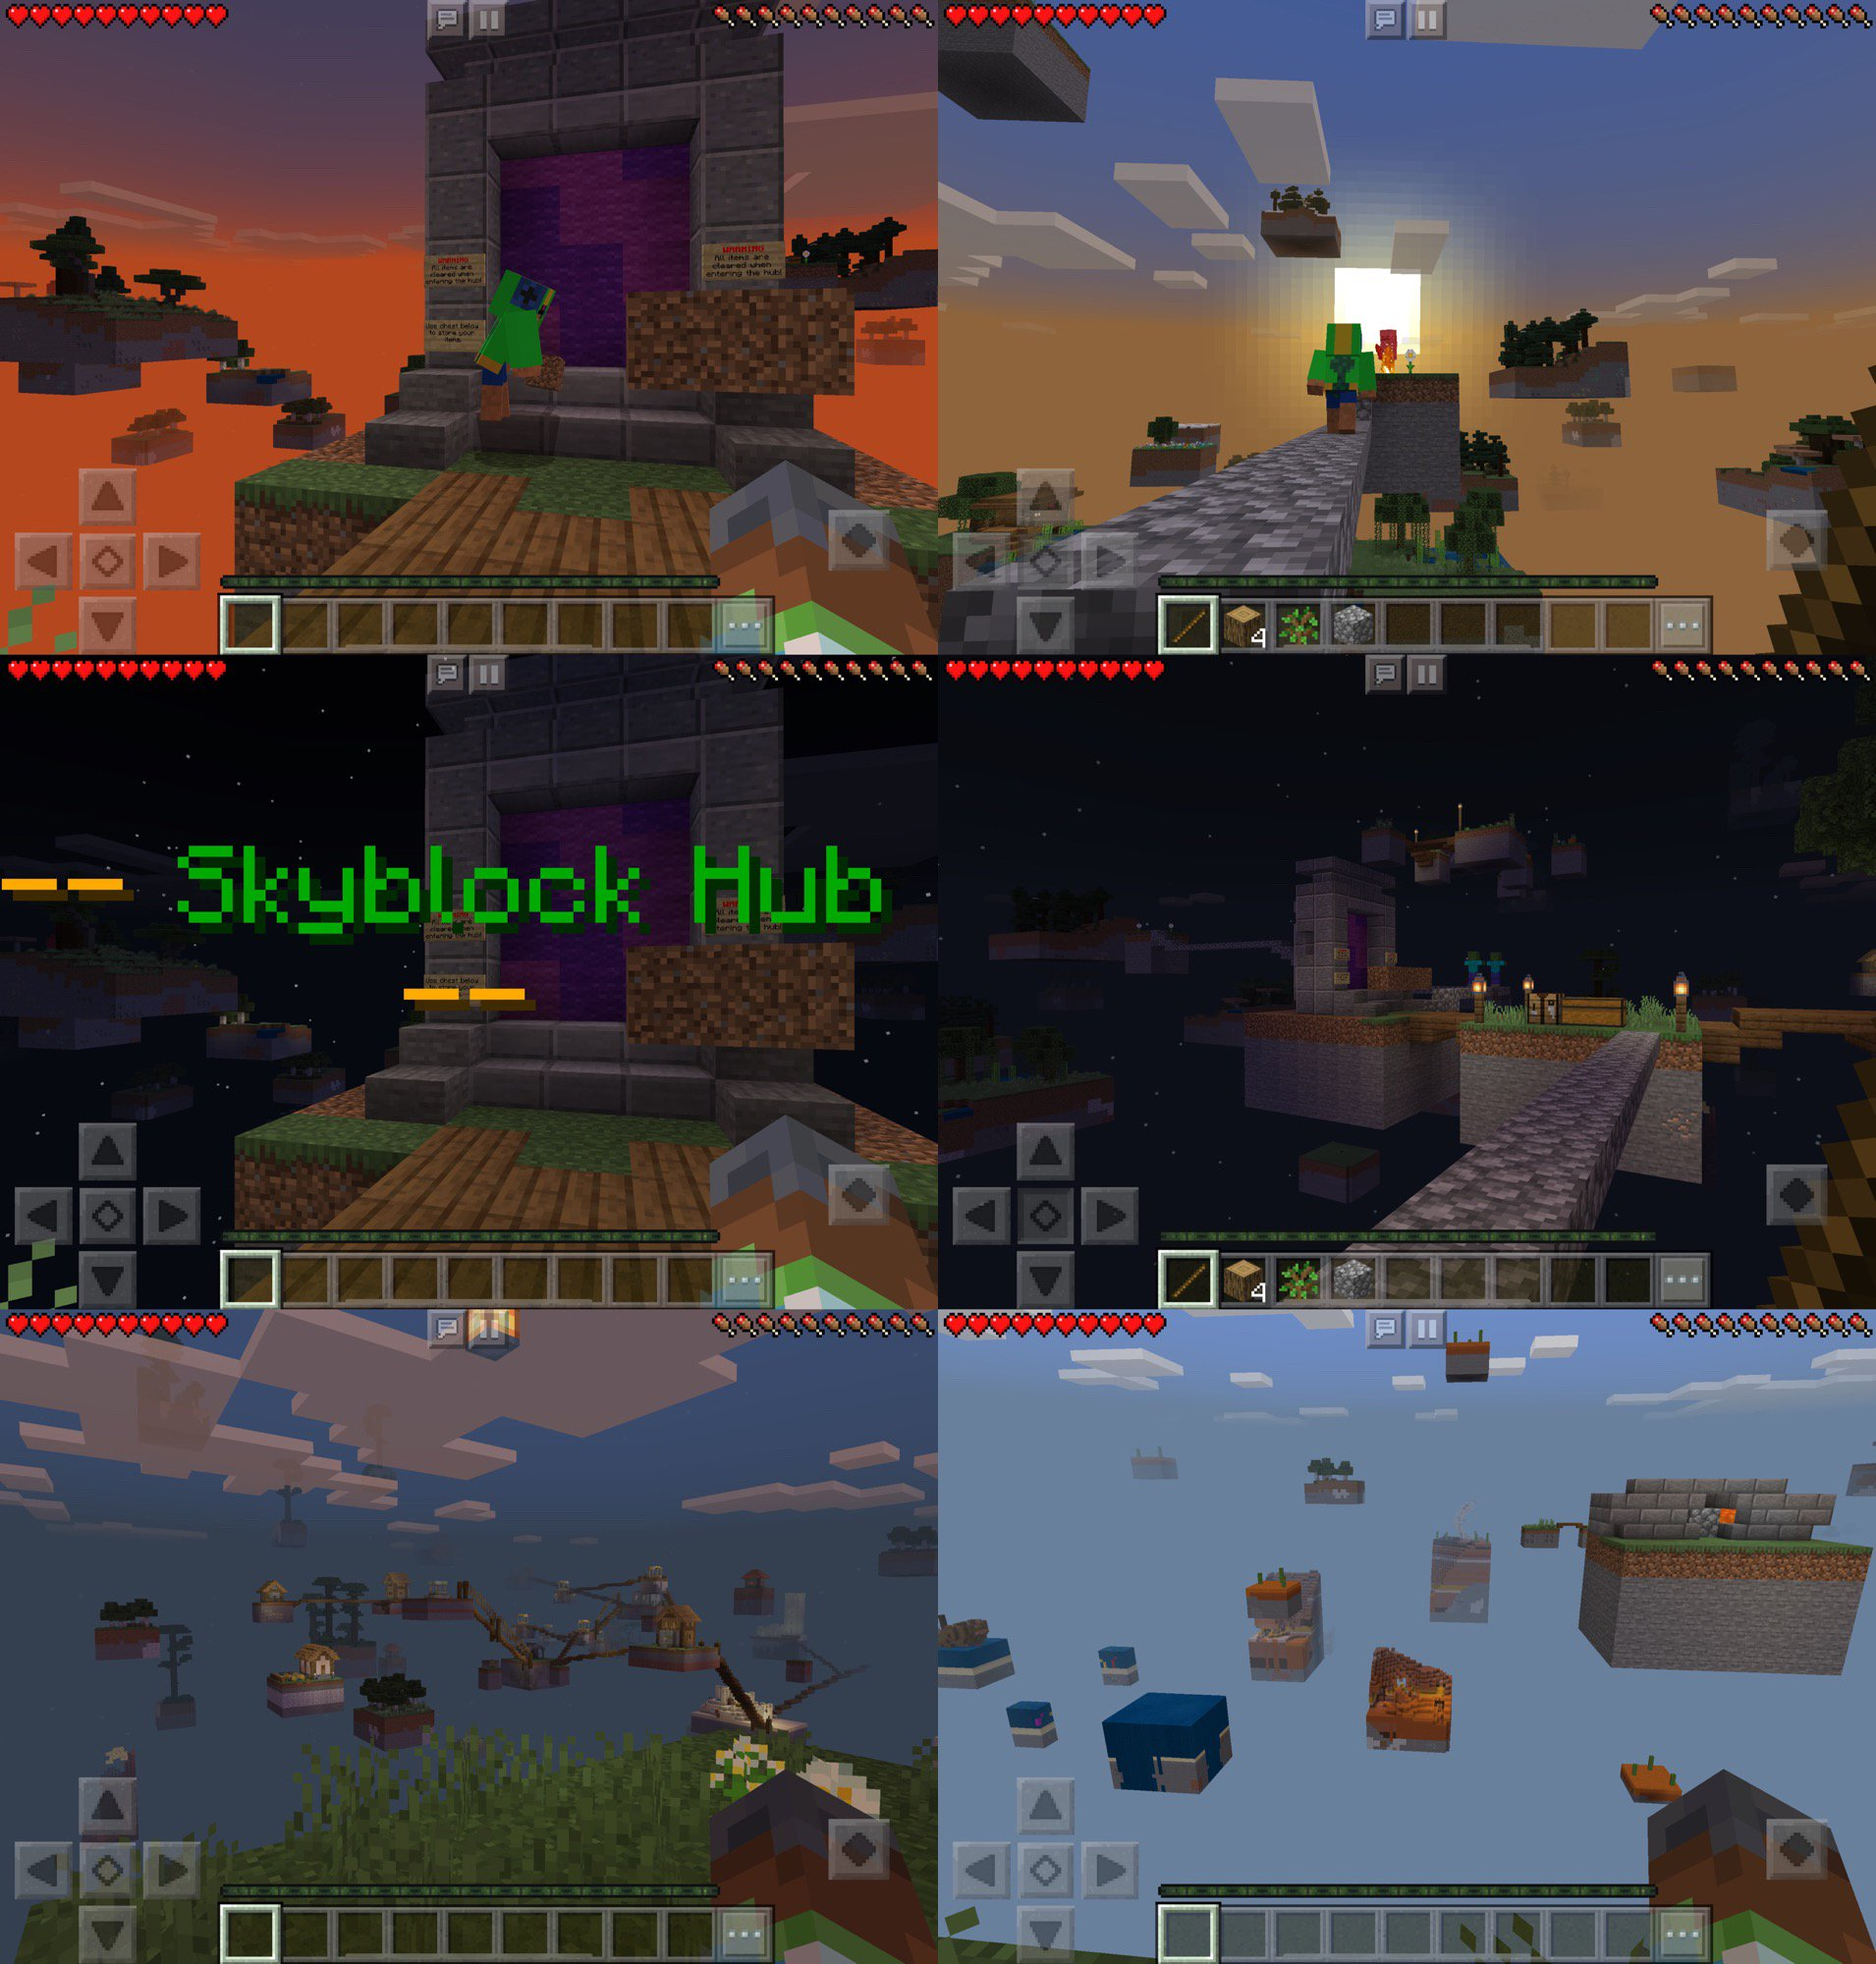 Minecraft Skyblock 落ちそうになる((((;゚Д゚)))) モンスターもいる。 https://t.co/TpID0X7mBs